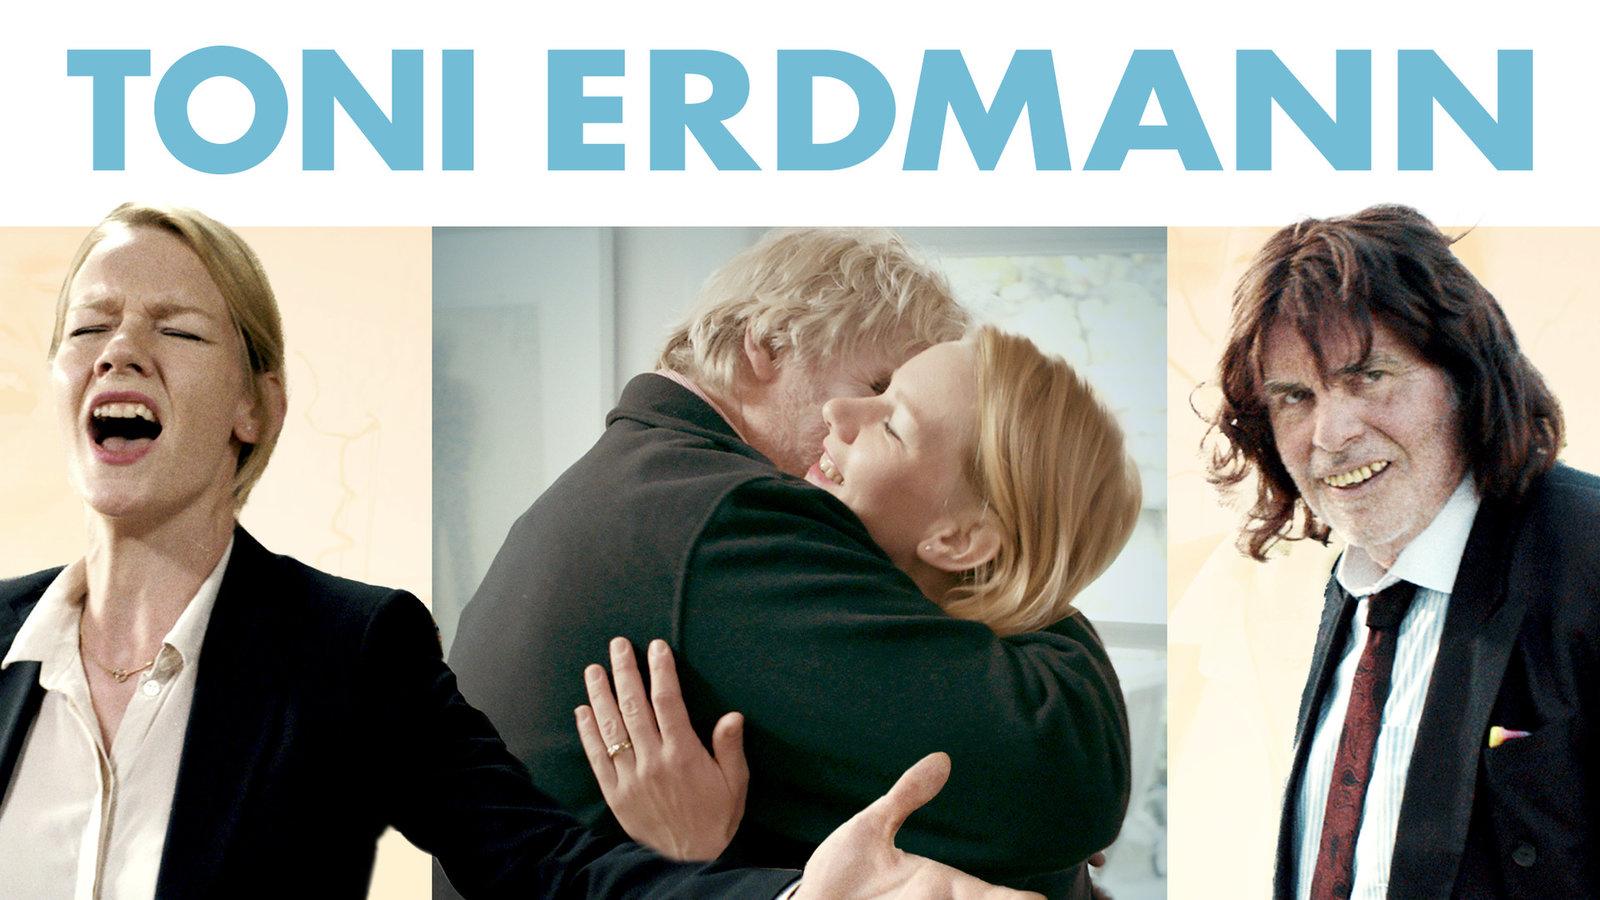 where to watch toni erdmann